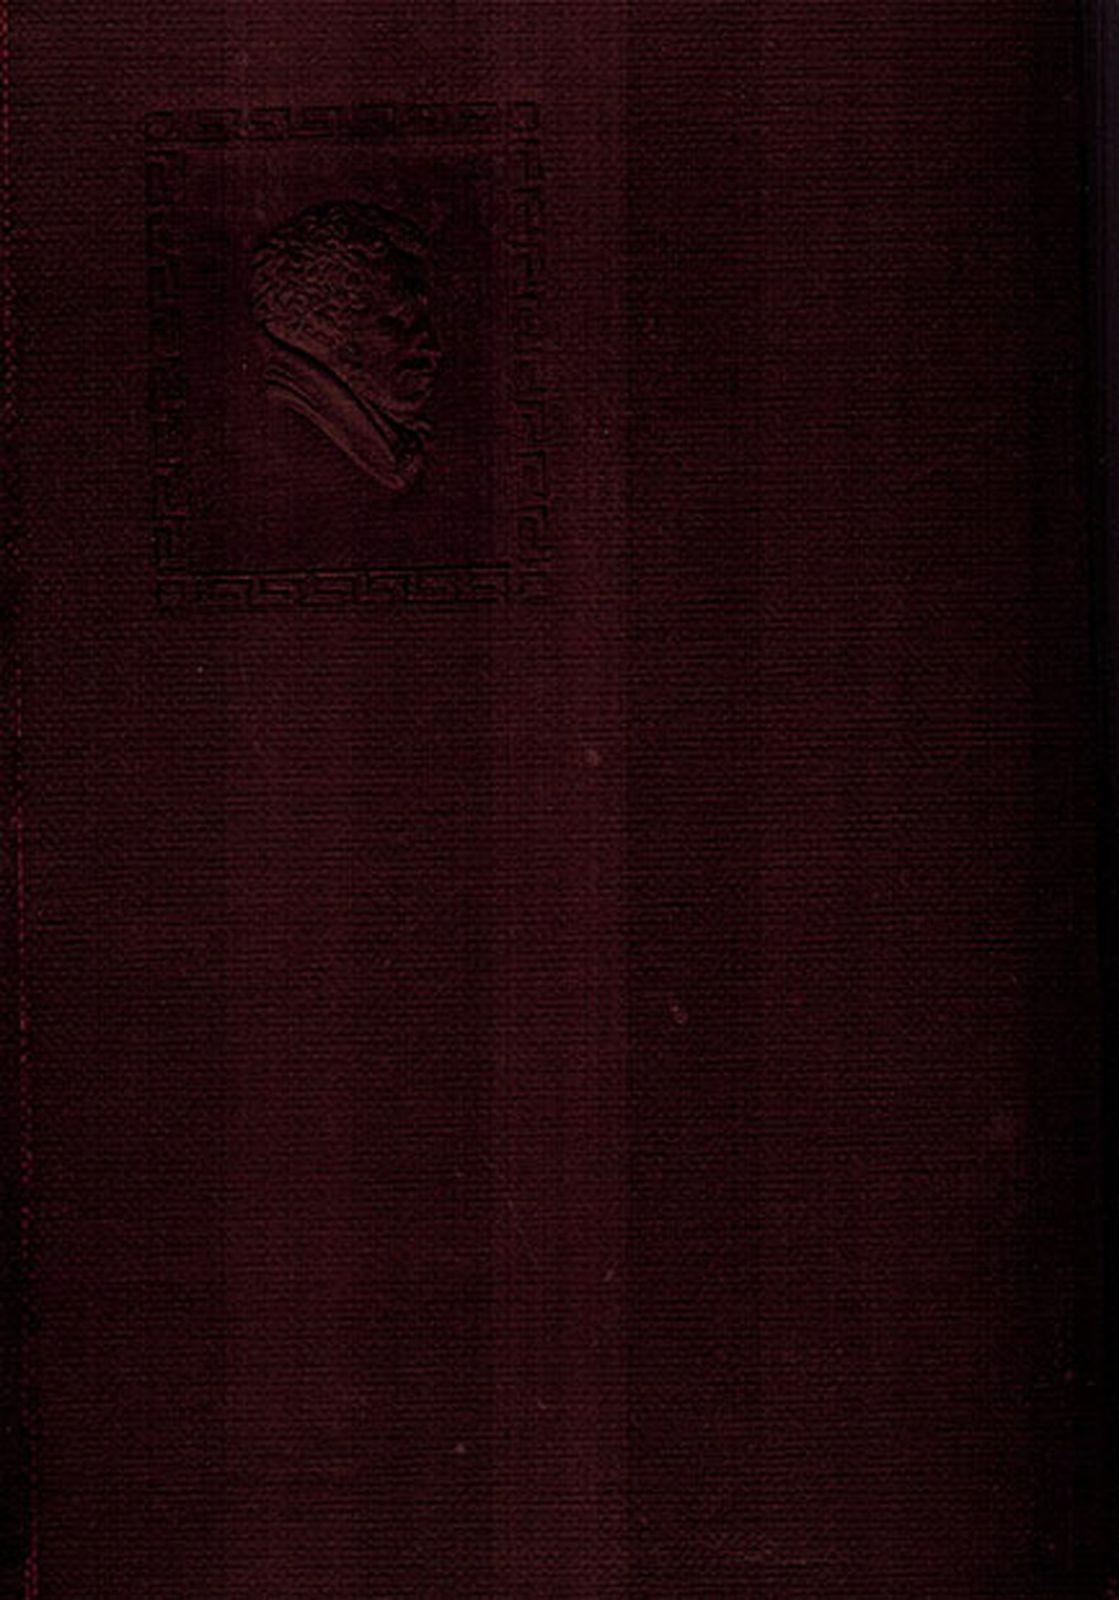 Пушкин А.С. Пушкин. Полное собрание сочинений. драматические произведения. Том седьмой александр пушкин сцены из рыцарских времен